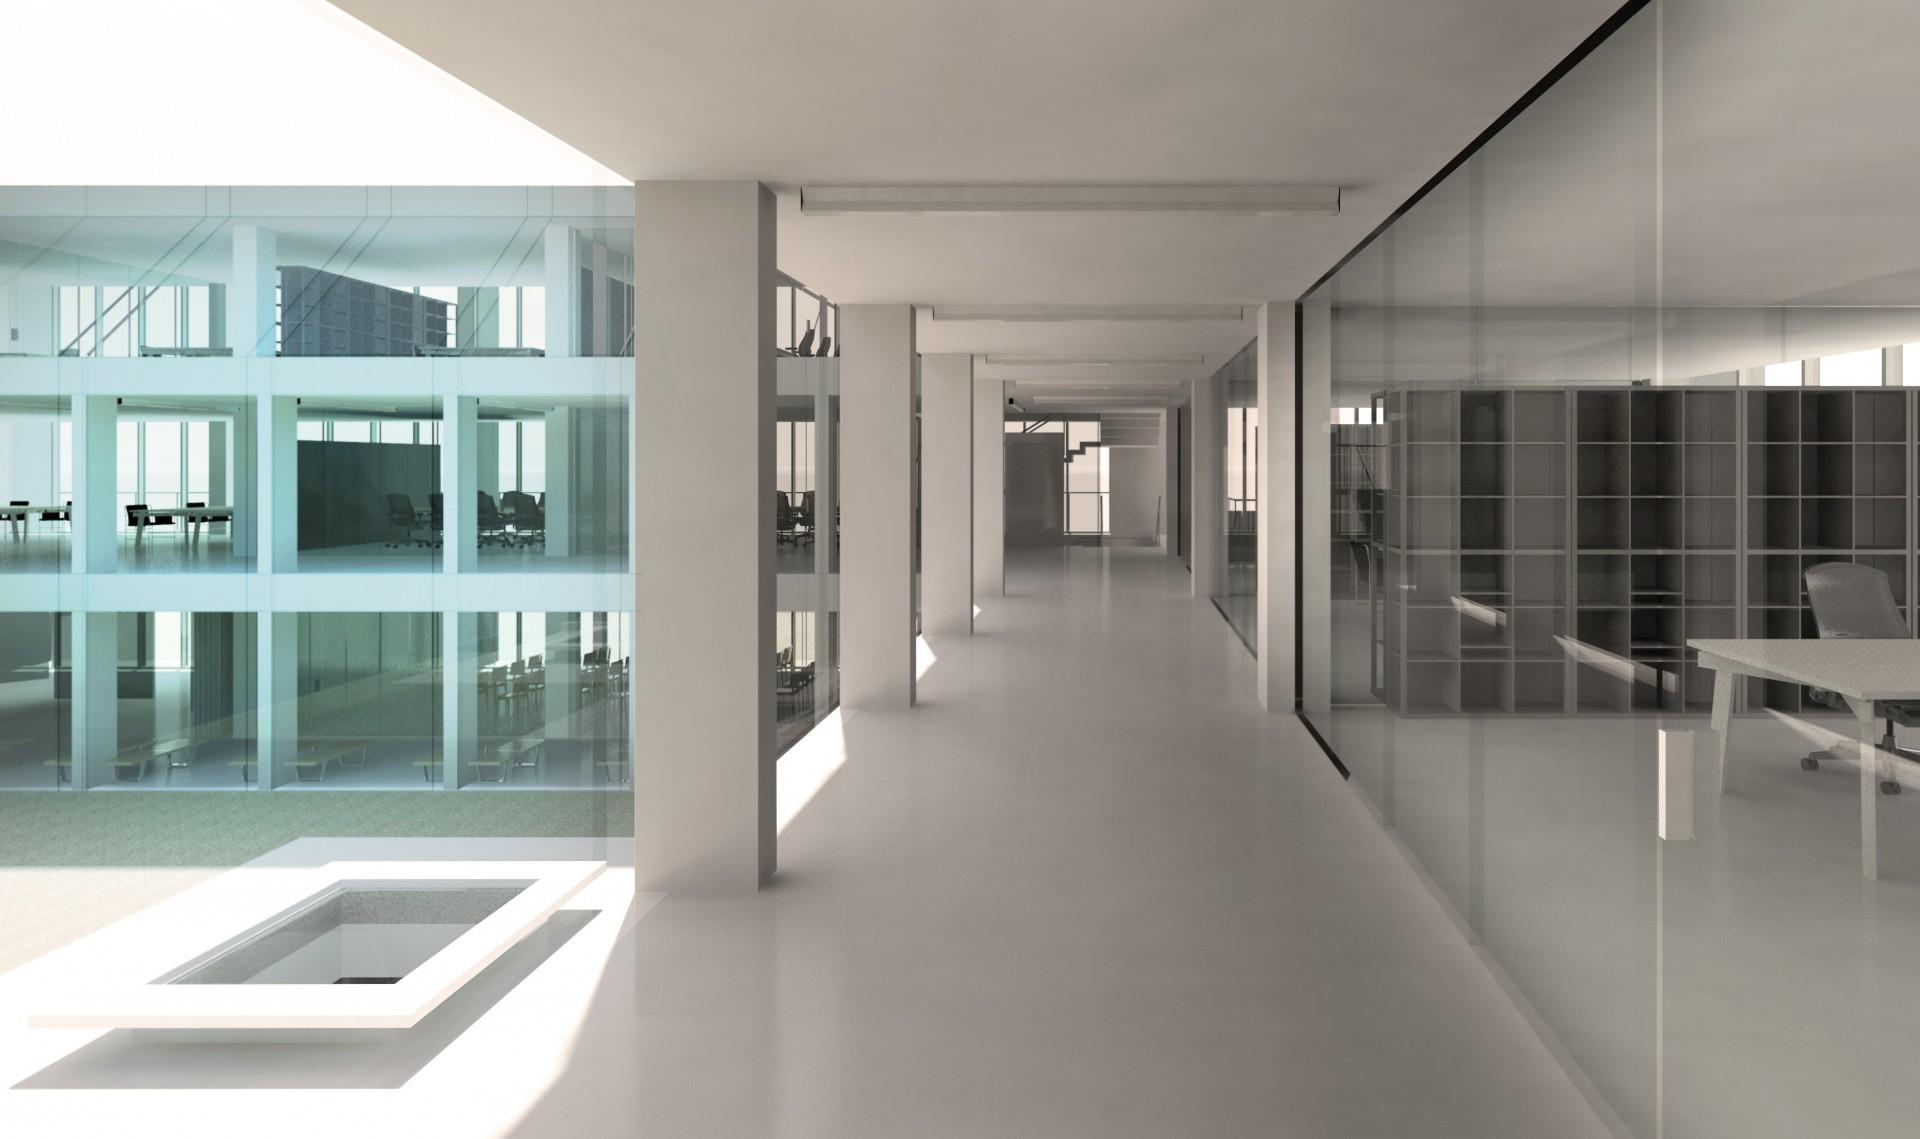 Interior, Etaj 1, Hol